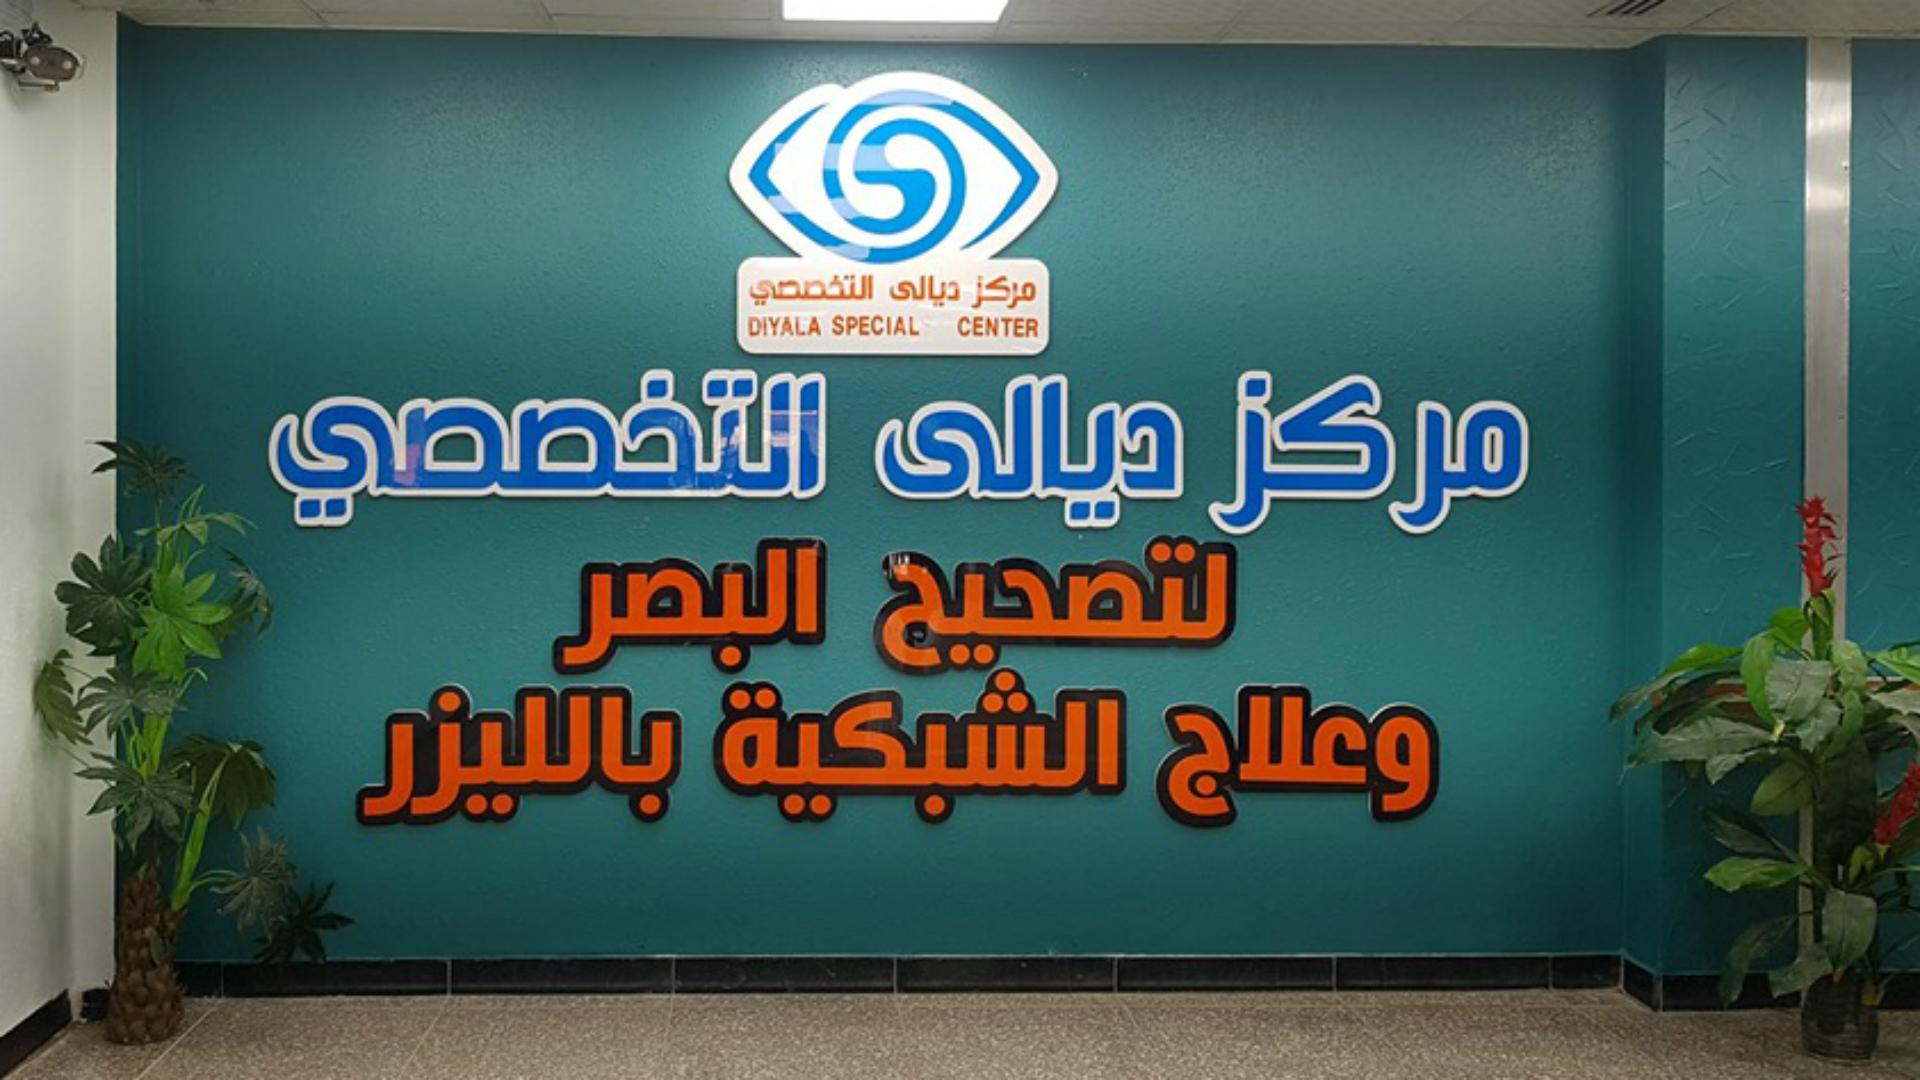 الإعلان عن قرب افتتاح أول مركز تخصصي لطب العيون في محافظة ديالى